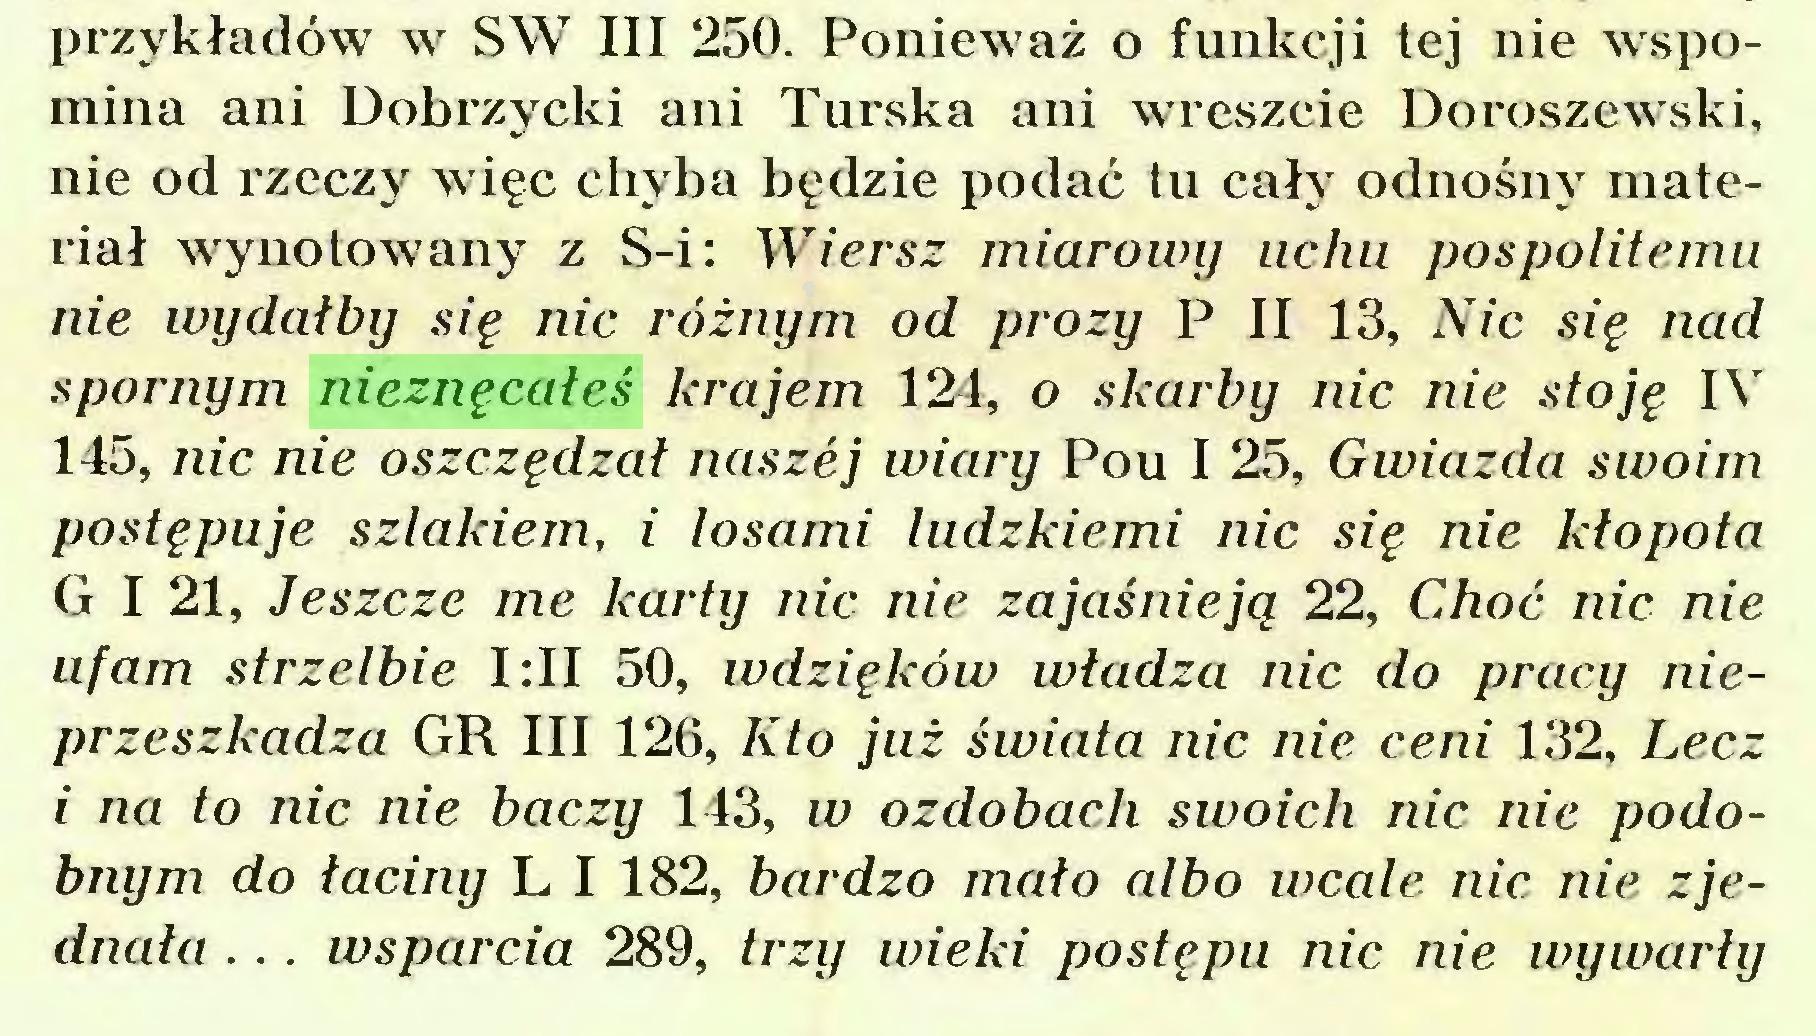 (...) przykładów w SW III 250. Ponieważ o funkcji tej nie wspomina ani Dobrzycki ani Turska ani wreszcie Doroszewski, nie od rzeczy więc chyba będzie podać tu cały odnośny materiał wynotowany z S-i: Wiersz miarowy uchu pospolitemu nie wydałby się nic różnym od prozy P II 13, Nic się nad spornym nieznęcałeś krajem 124, o skarby nic nie stoję IV 145, nic nie oszczędzał naszej wiary Pou I 25, Gwiazda swoim postępuje szlakiem, i losami ludzkiemi nic się nie kłopota G I 21, Jeszcze me karty nic nie zajaśnieją 22, Choć nic nie ufam strzelbie I:II 50, wdzięków władza nic do pracy nieprzeszkadza GR III 126, Kto już świata nic nie ceni 132, Lecz i na to nic nie baczy 143, w ozdobach swoich nic nie podobnym do łaciny L I 182, bardzo mało albo wcale nic nie zjednała ... wsparcia 289, trzy wieki postępu nic nie wywarły...